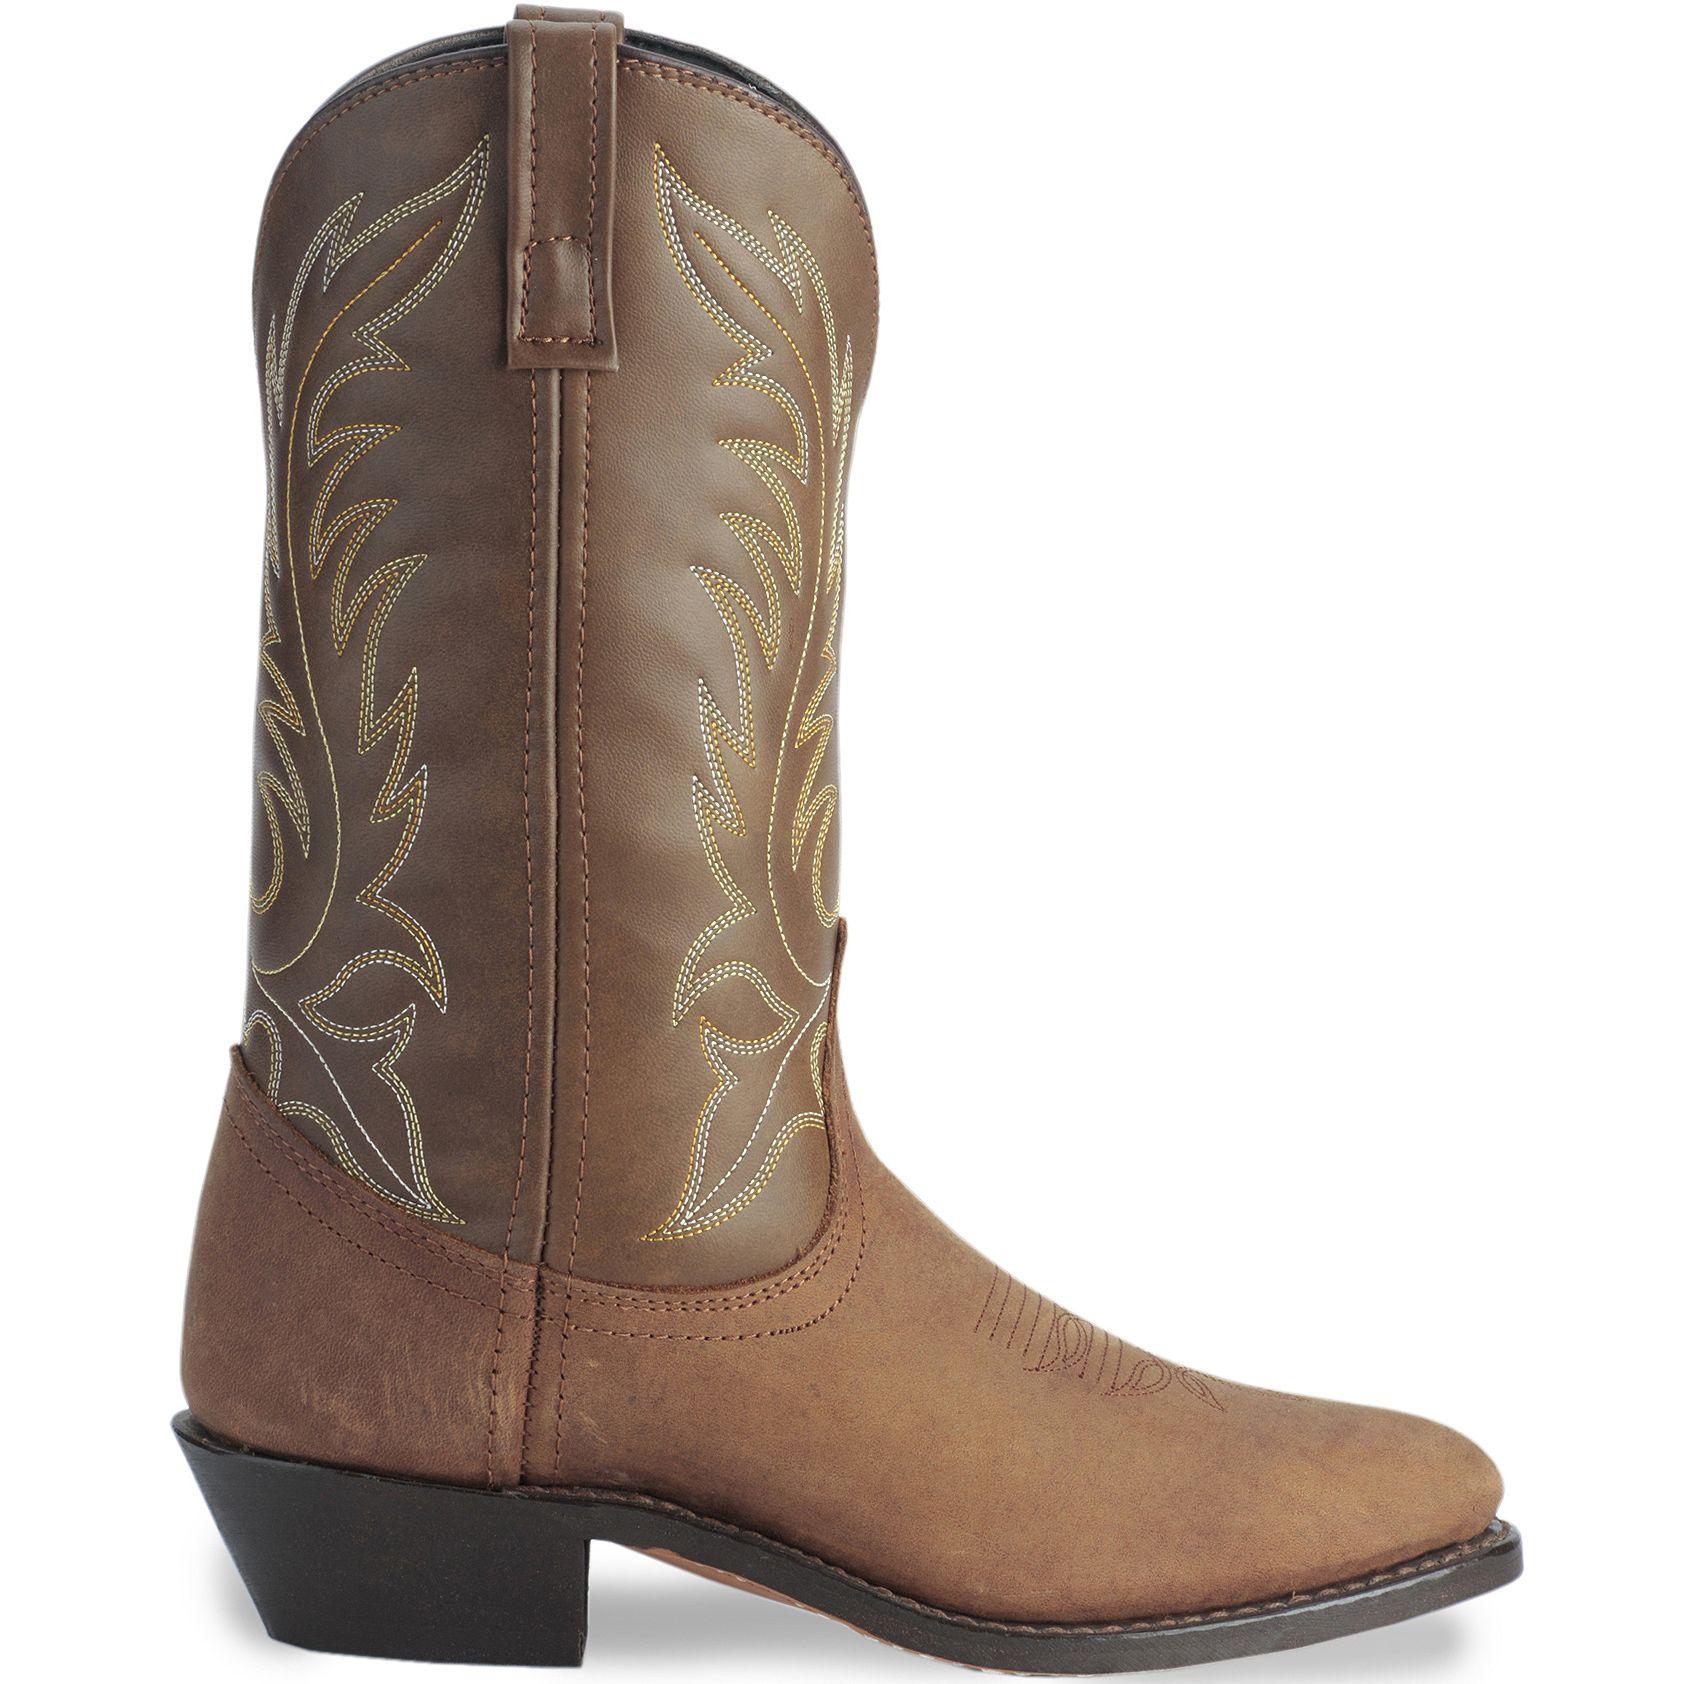 Laredo Tan Kadi Cowgirl Boots - Medium Toe | Sheplers